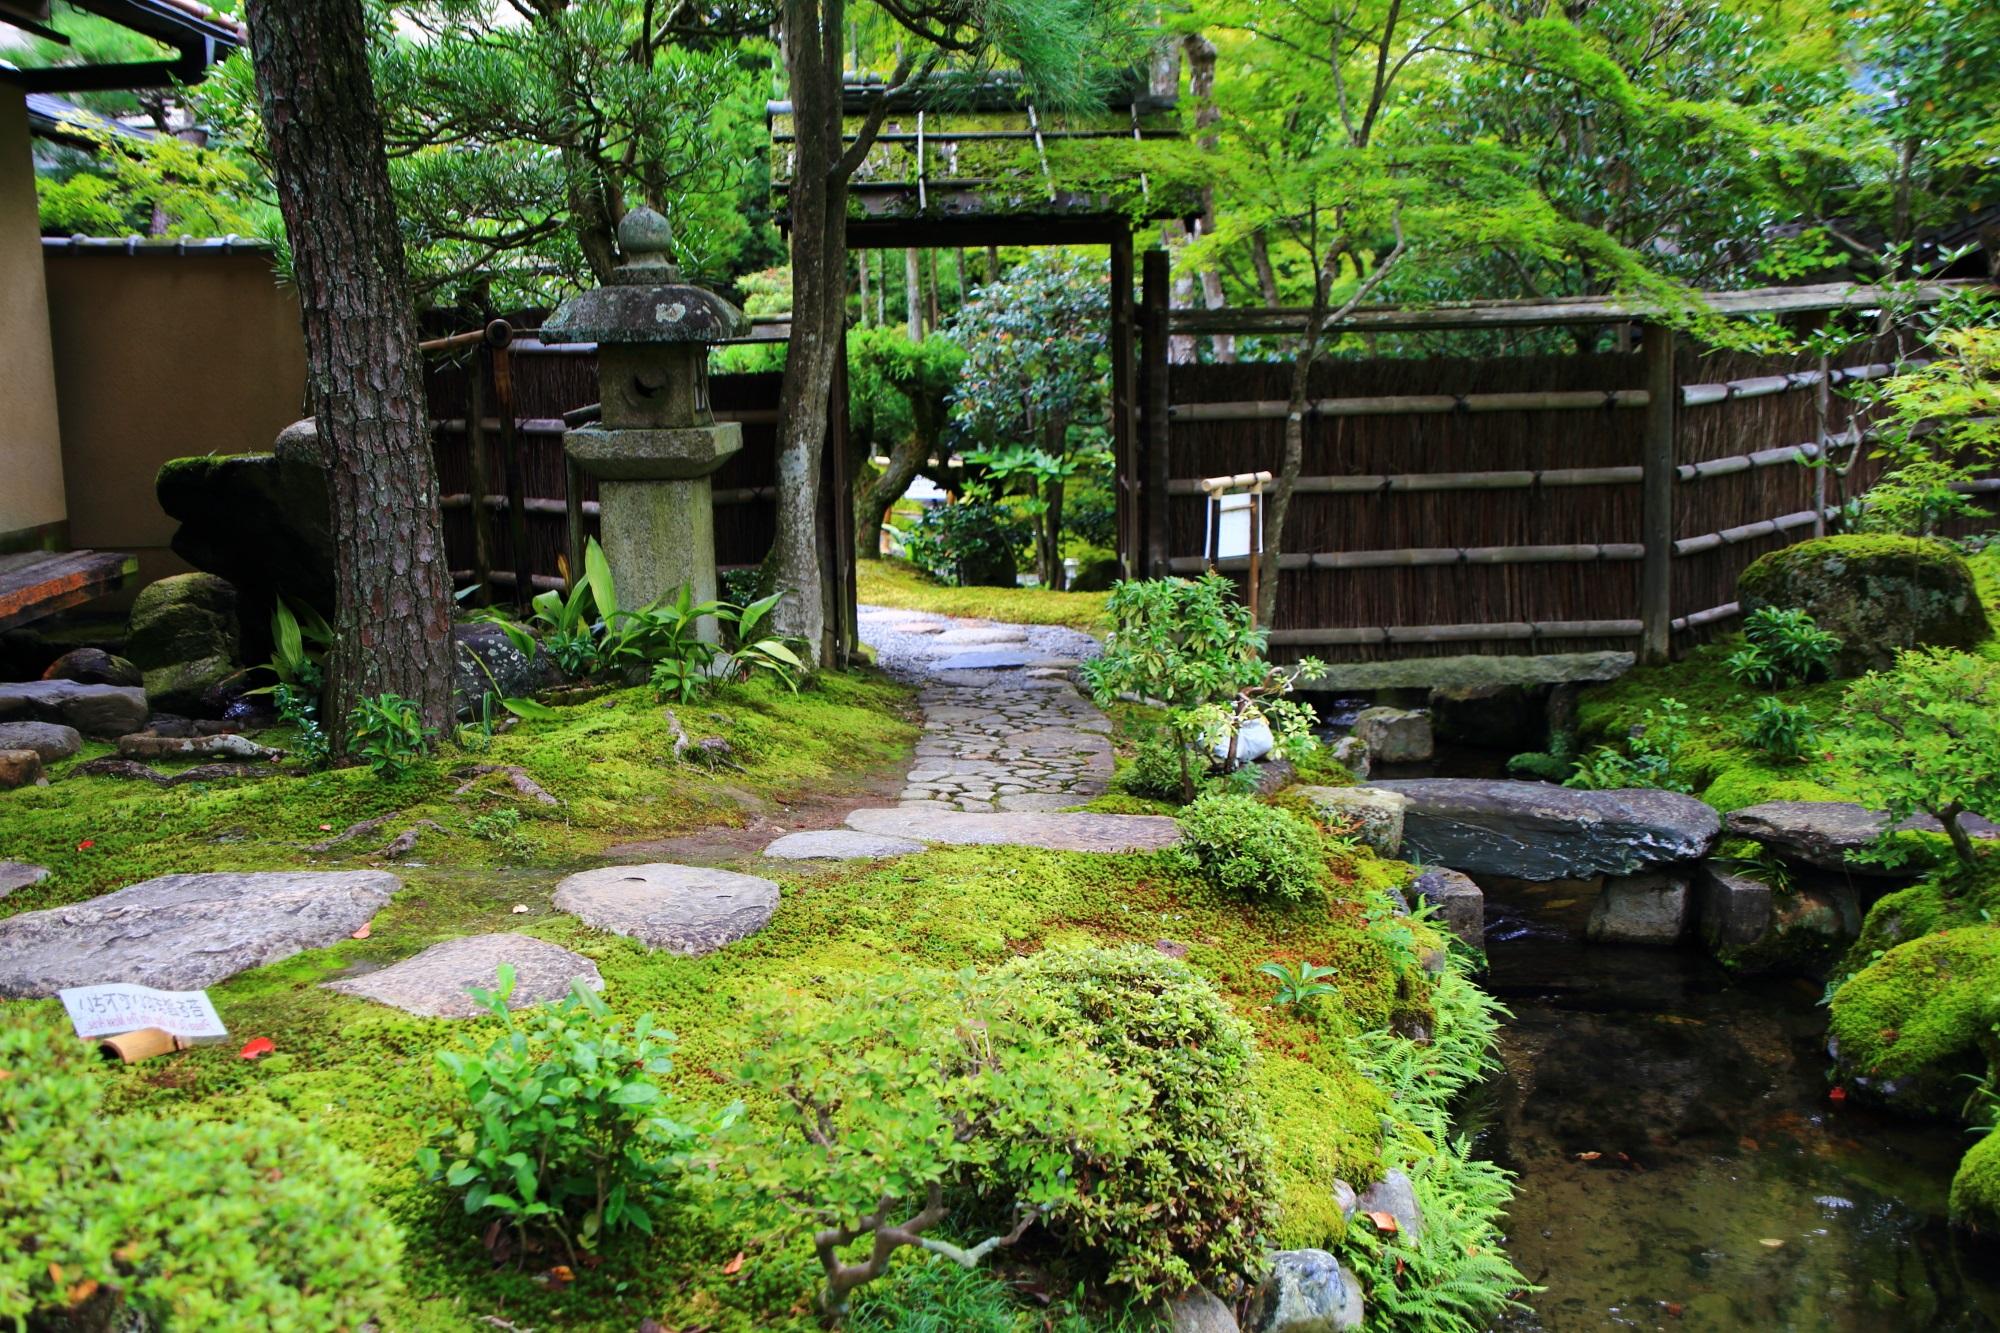 南禅寺大寧軒の庭園の入口